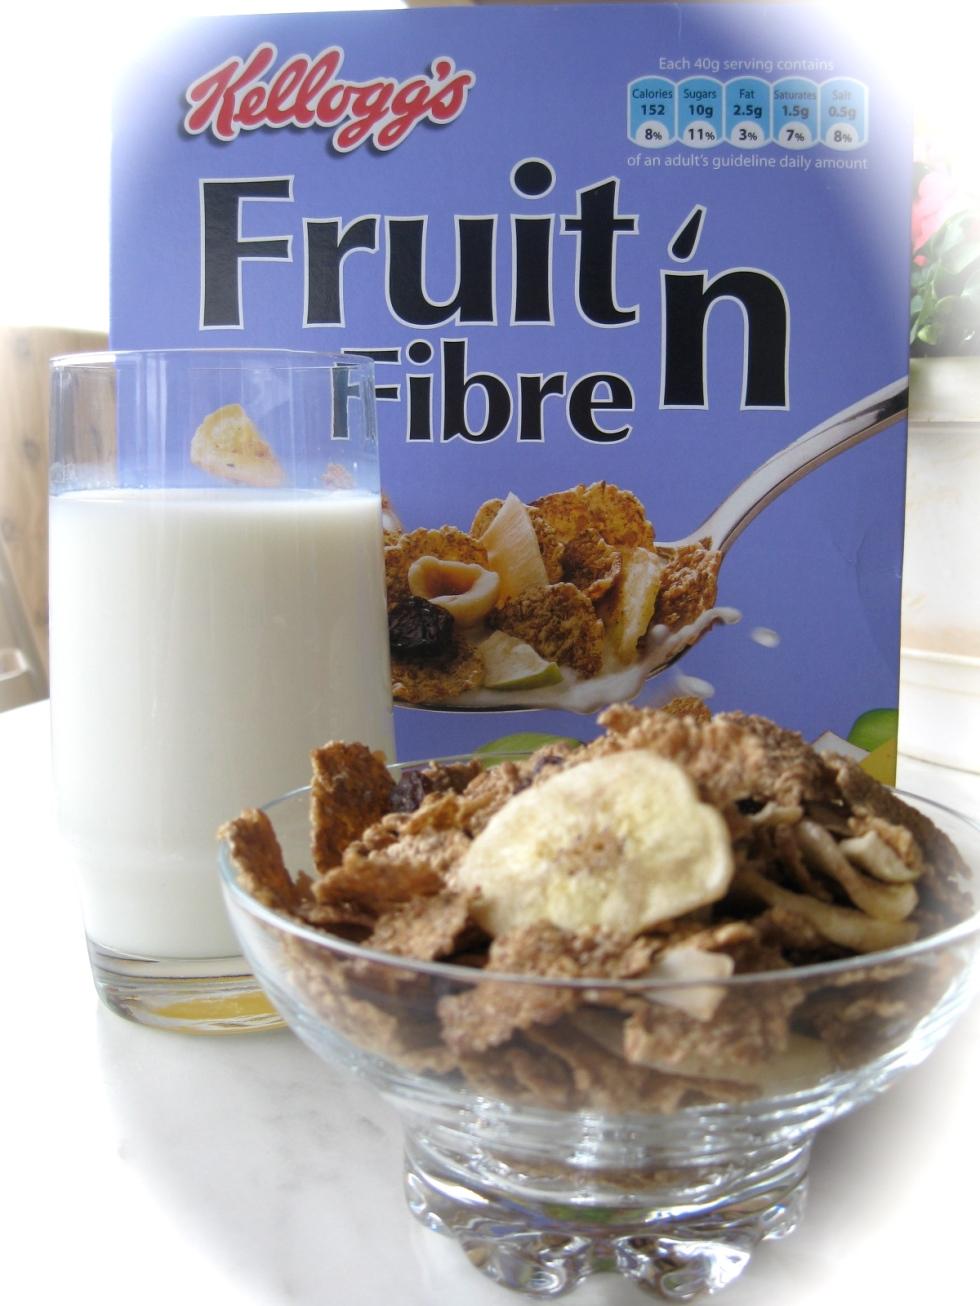 Fruit'n fiber kellogg's